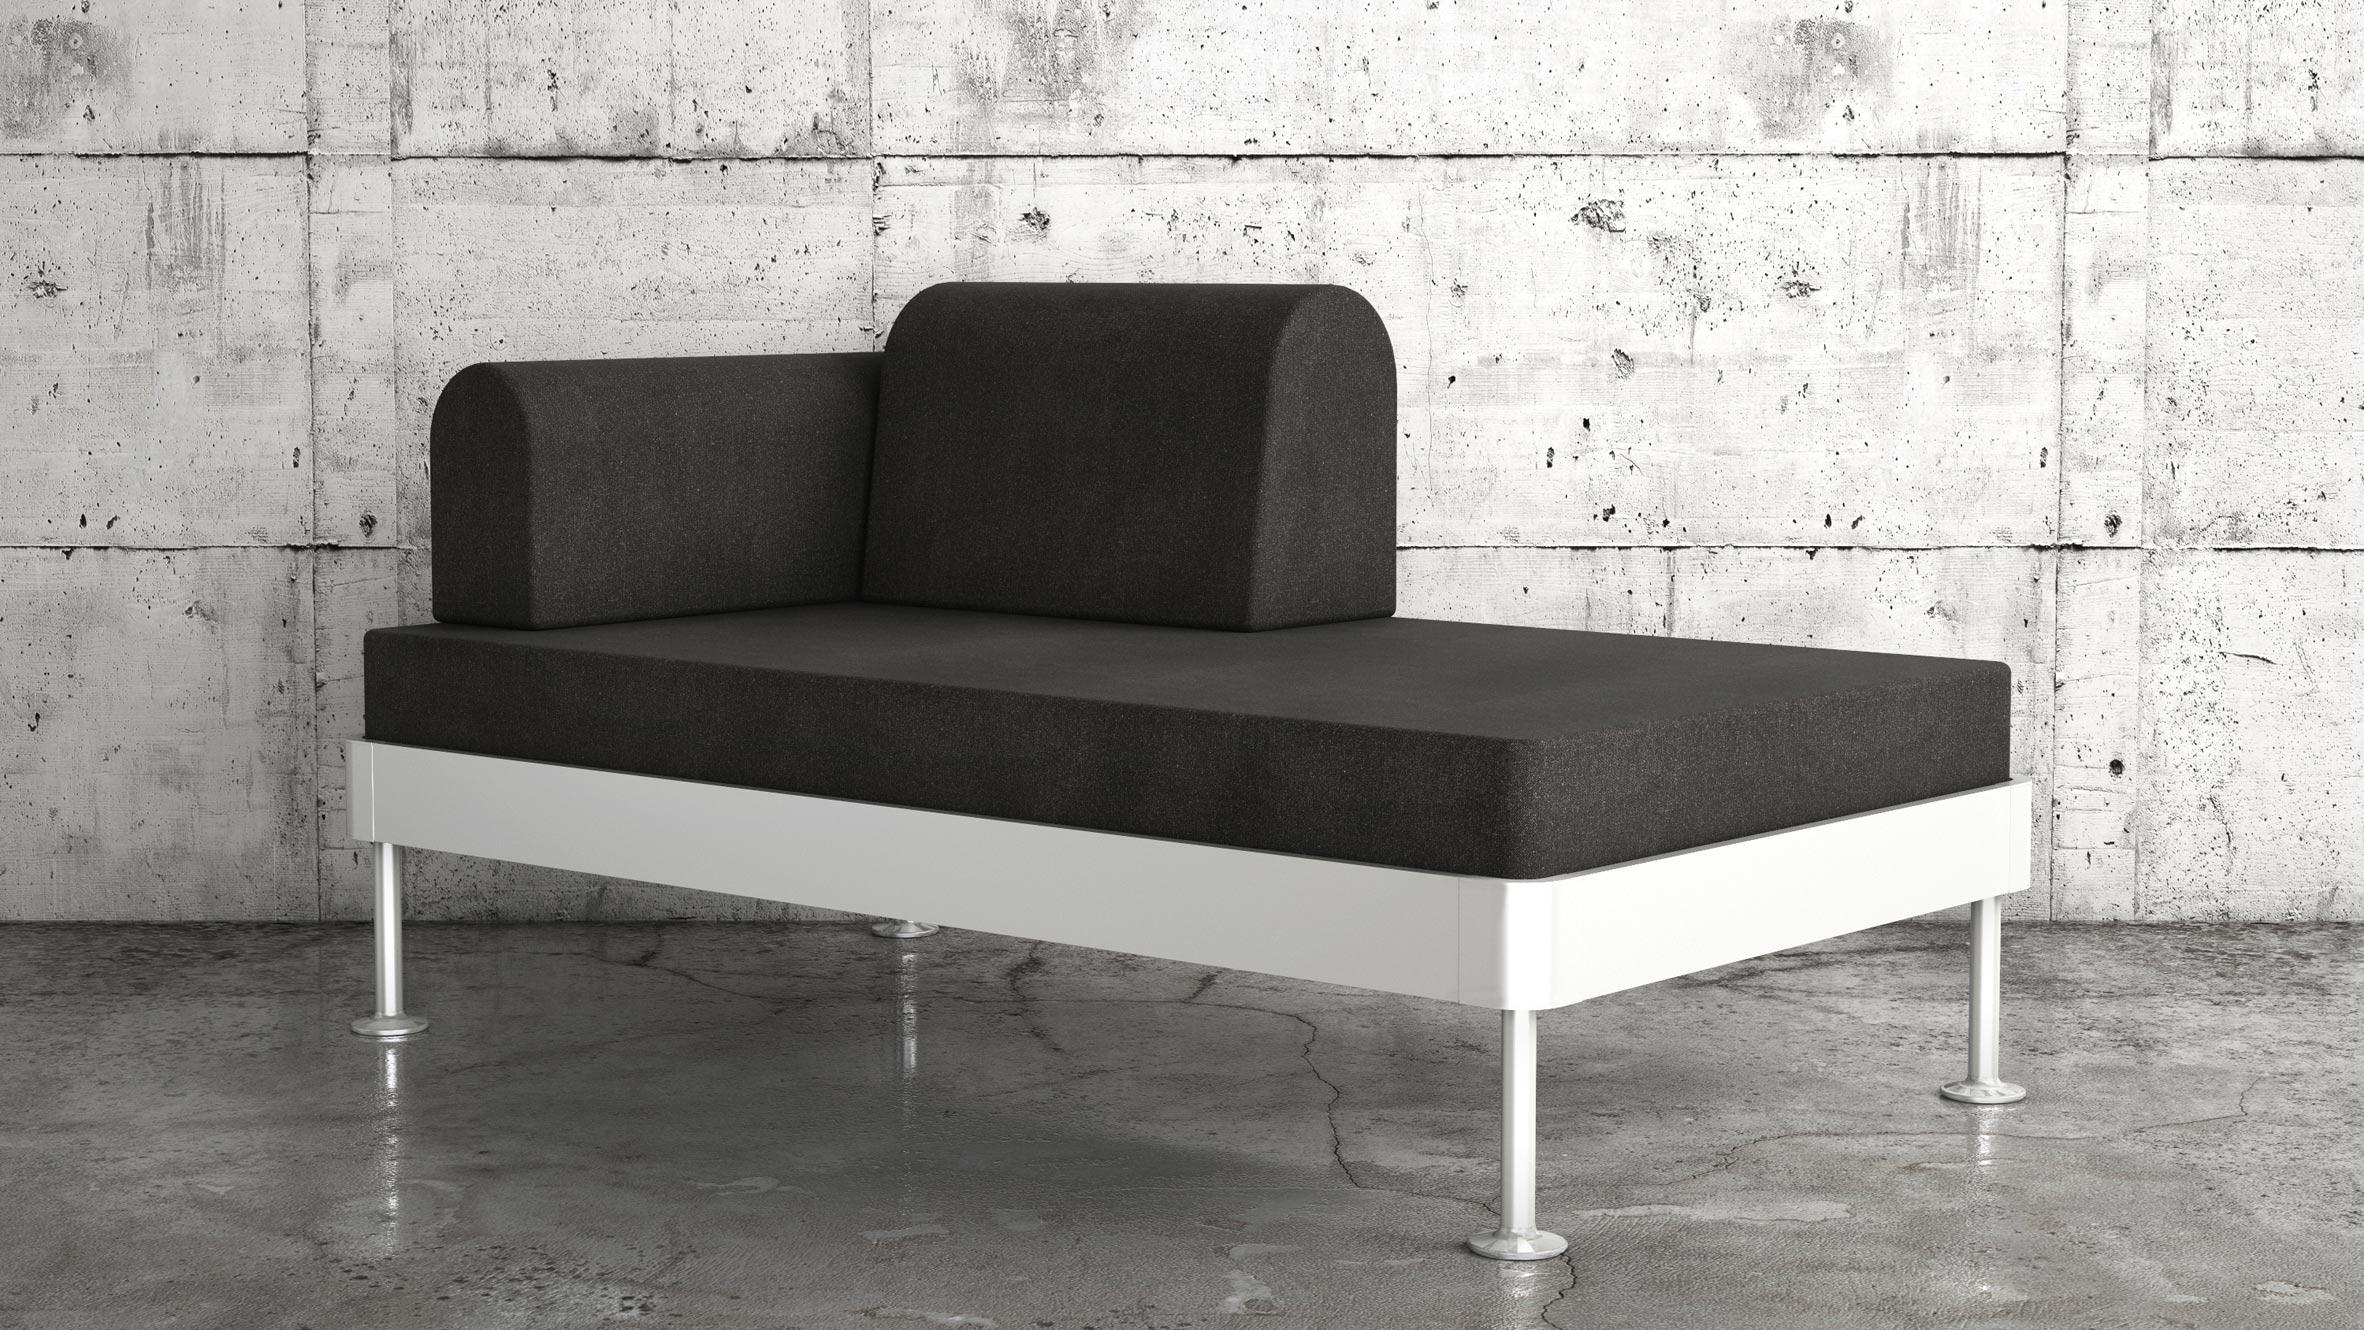 Delaktig La Nouvelle Collaboration Entre Ikea Et Tom Dixon La